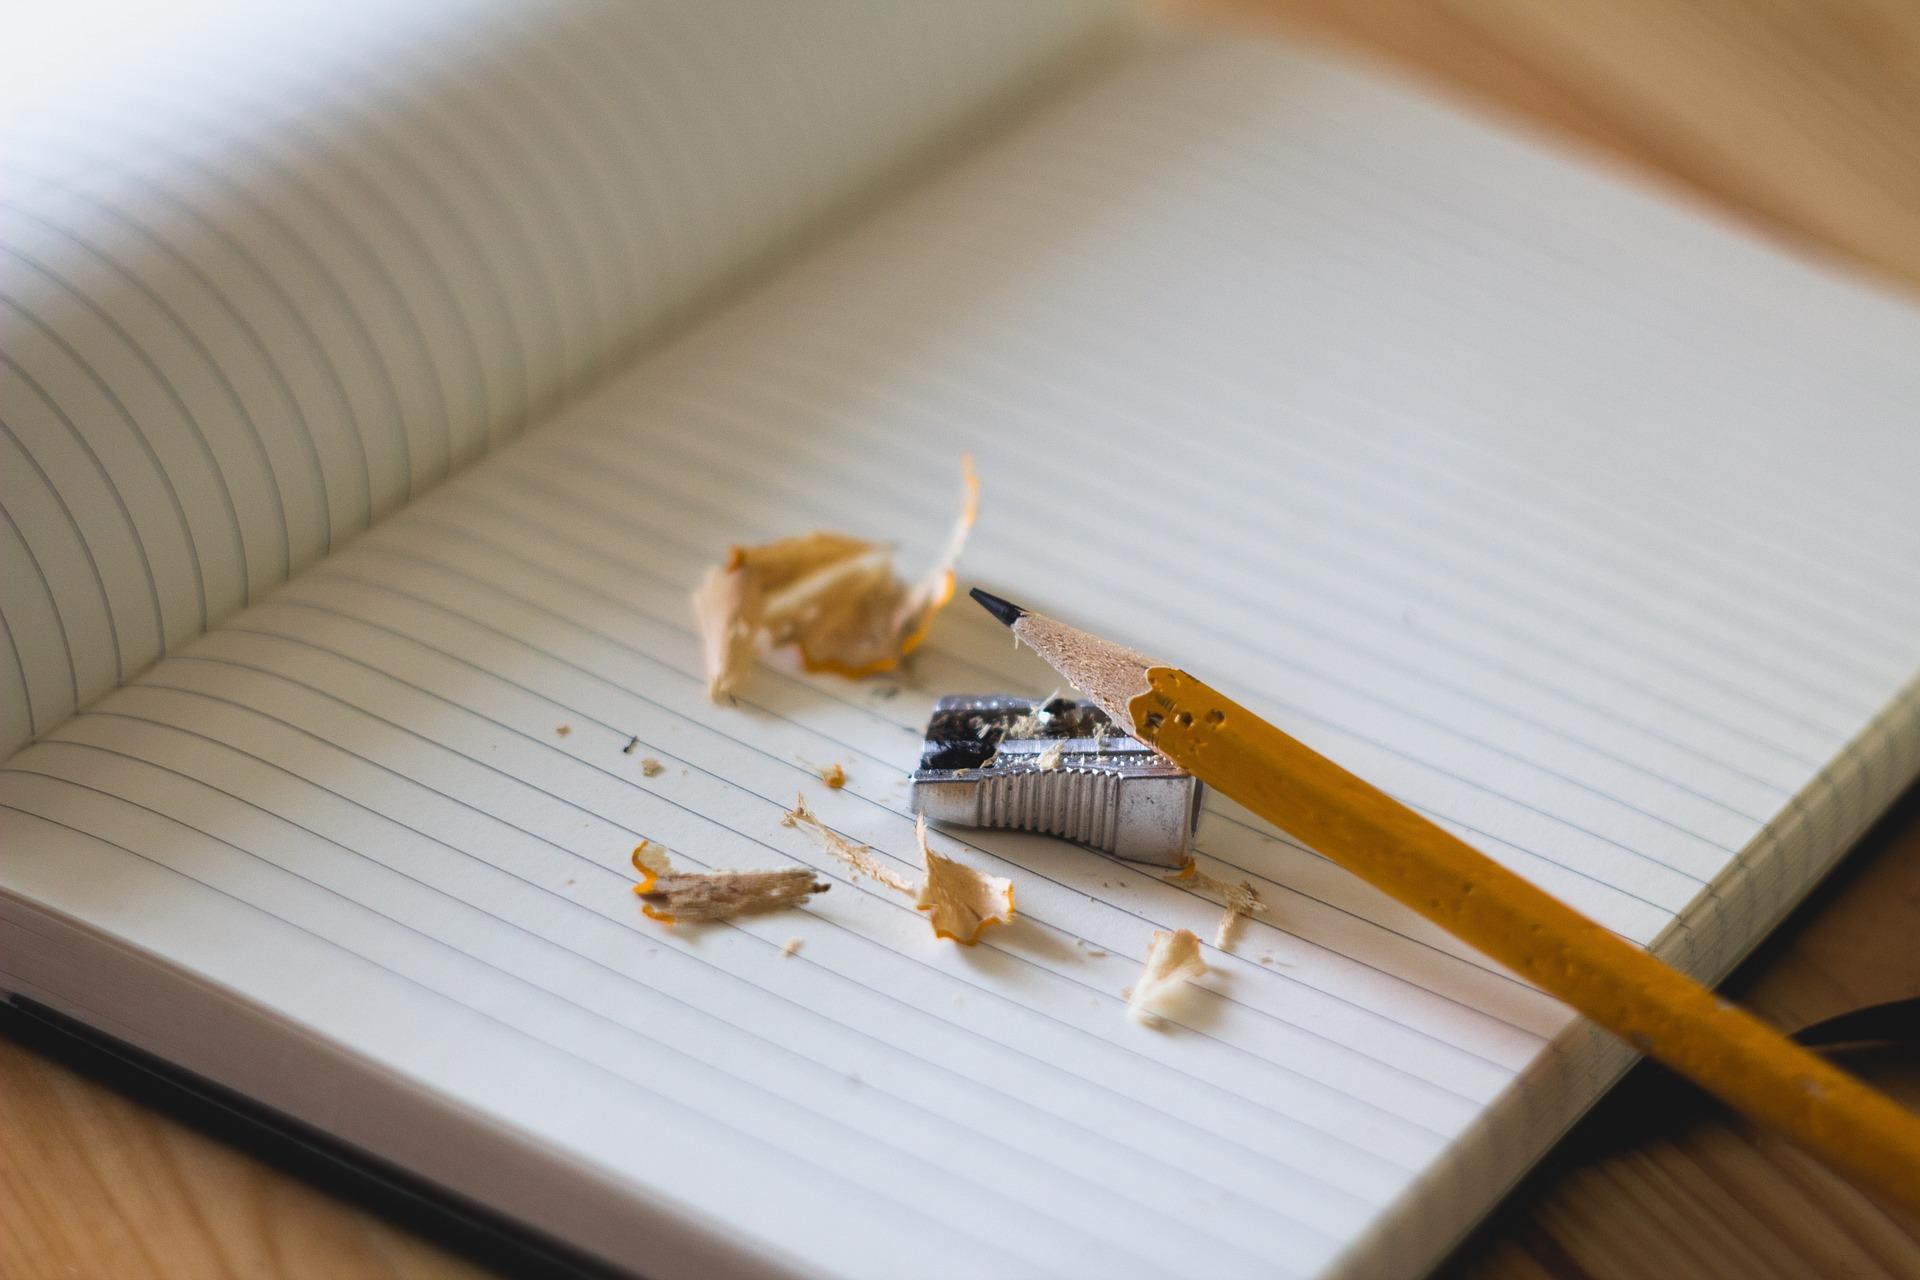 école, études, matériel, scolaire, minimaliste